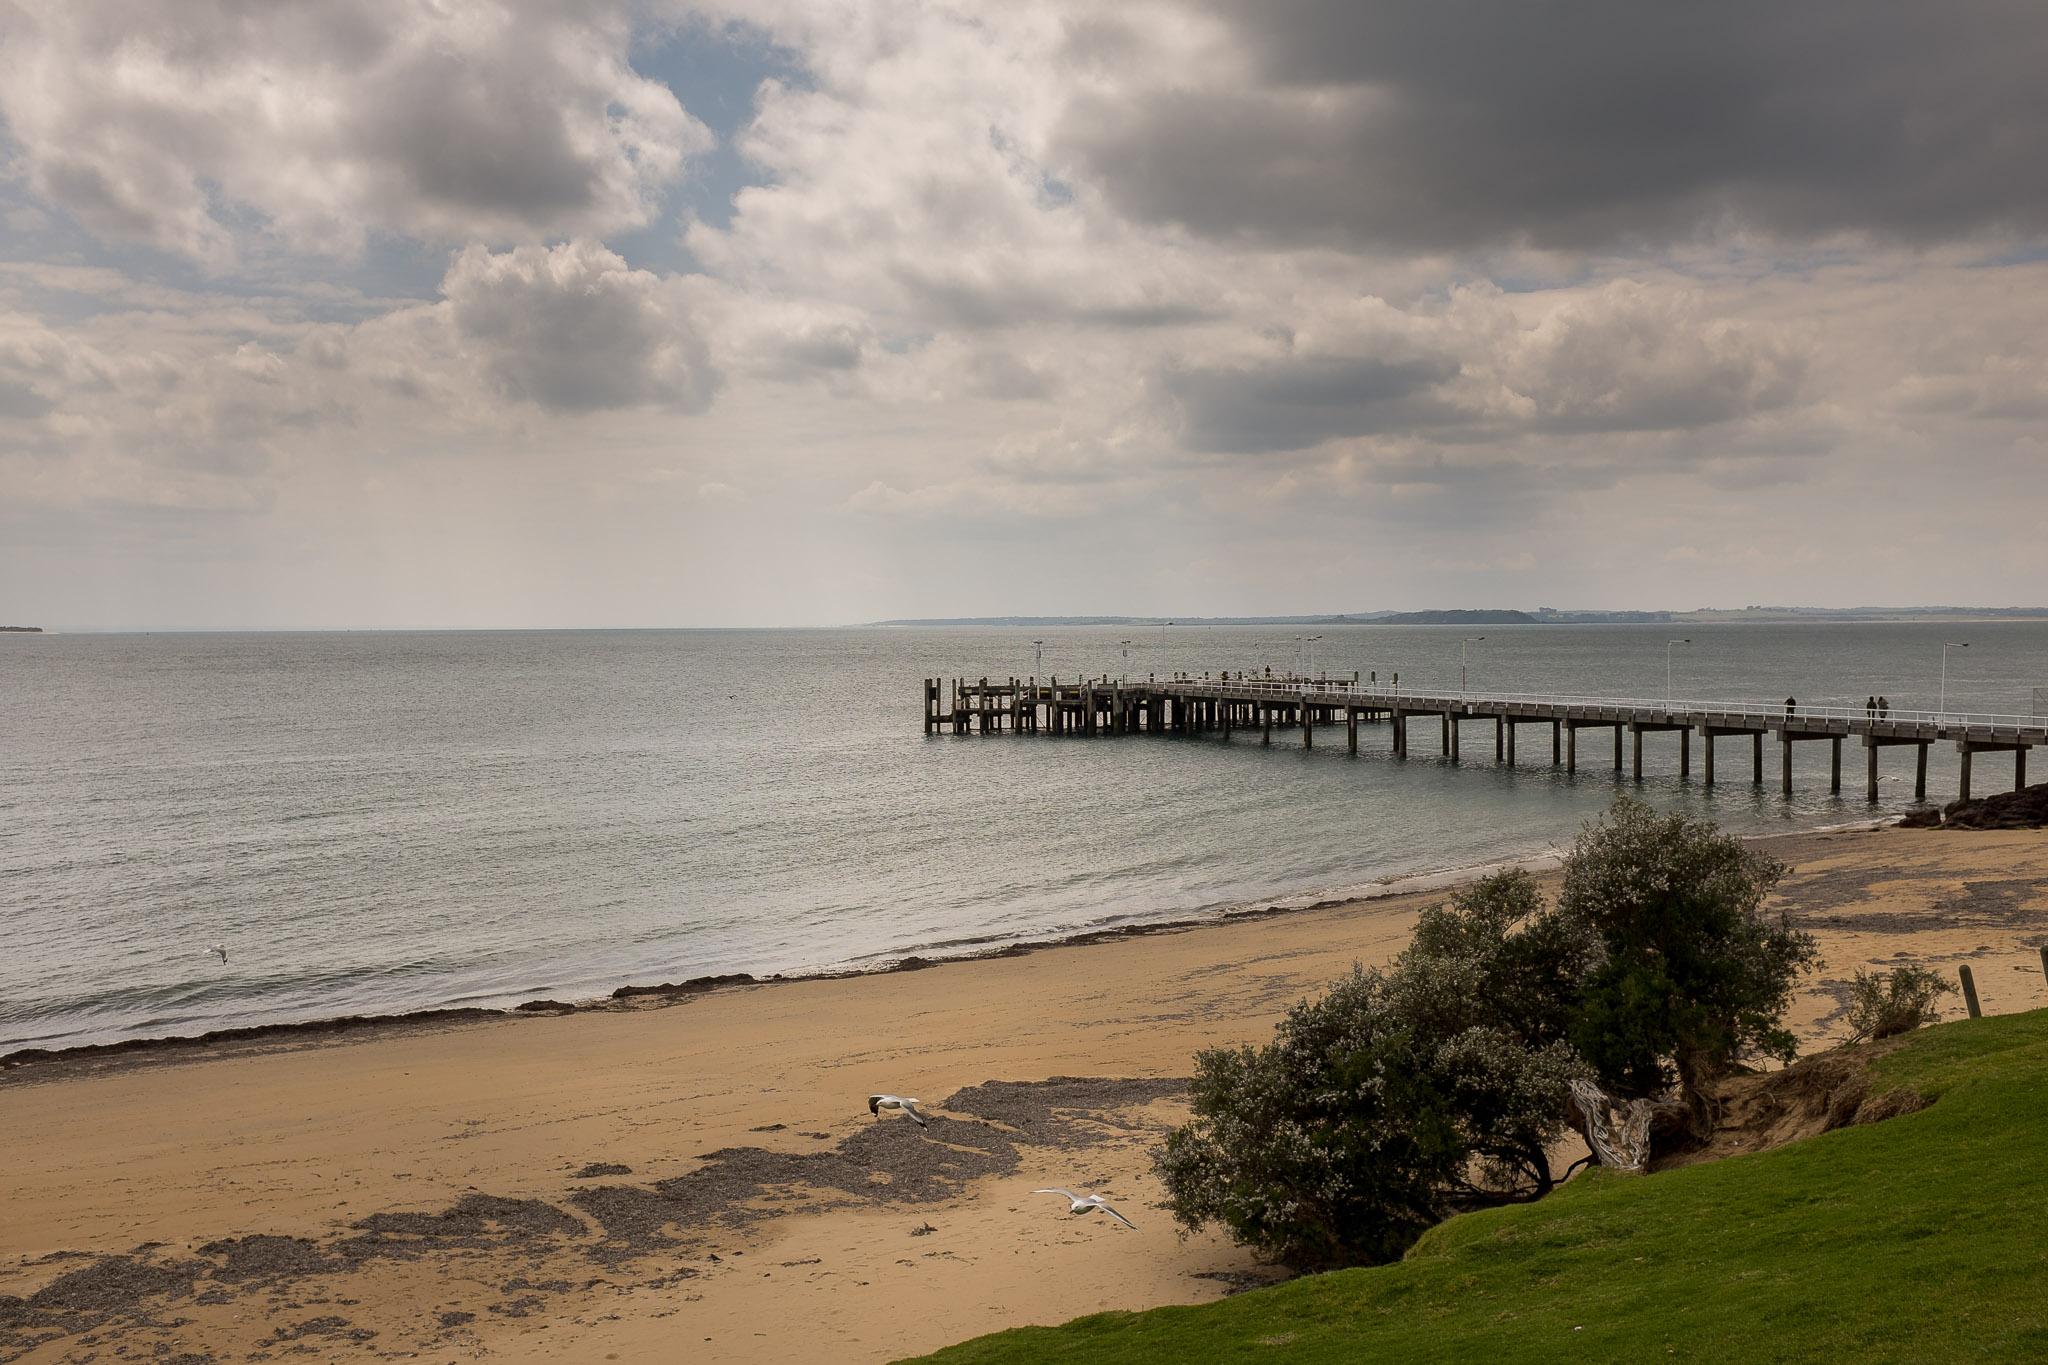 Cowes Jetty, Phillip Island, Victoria